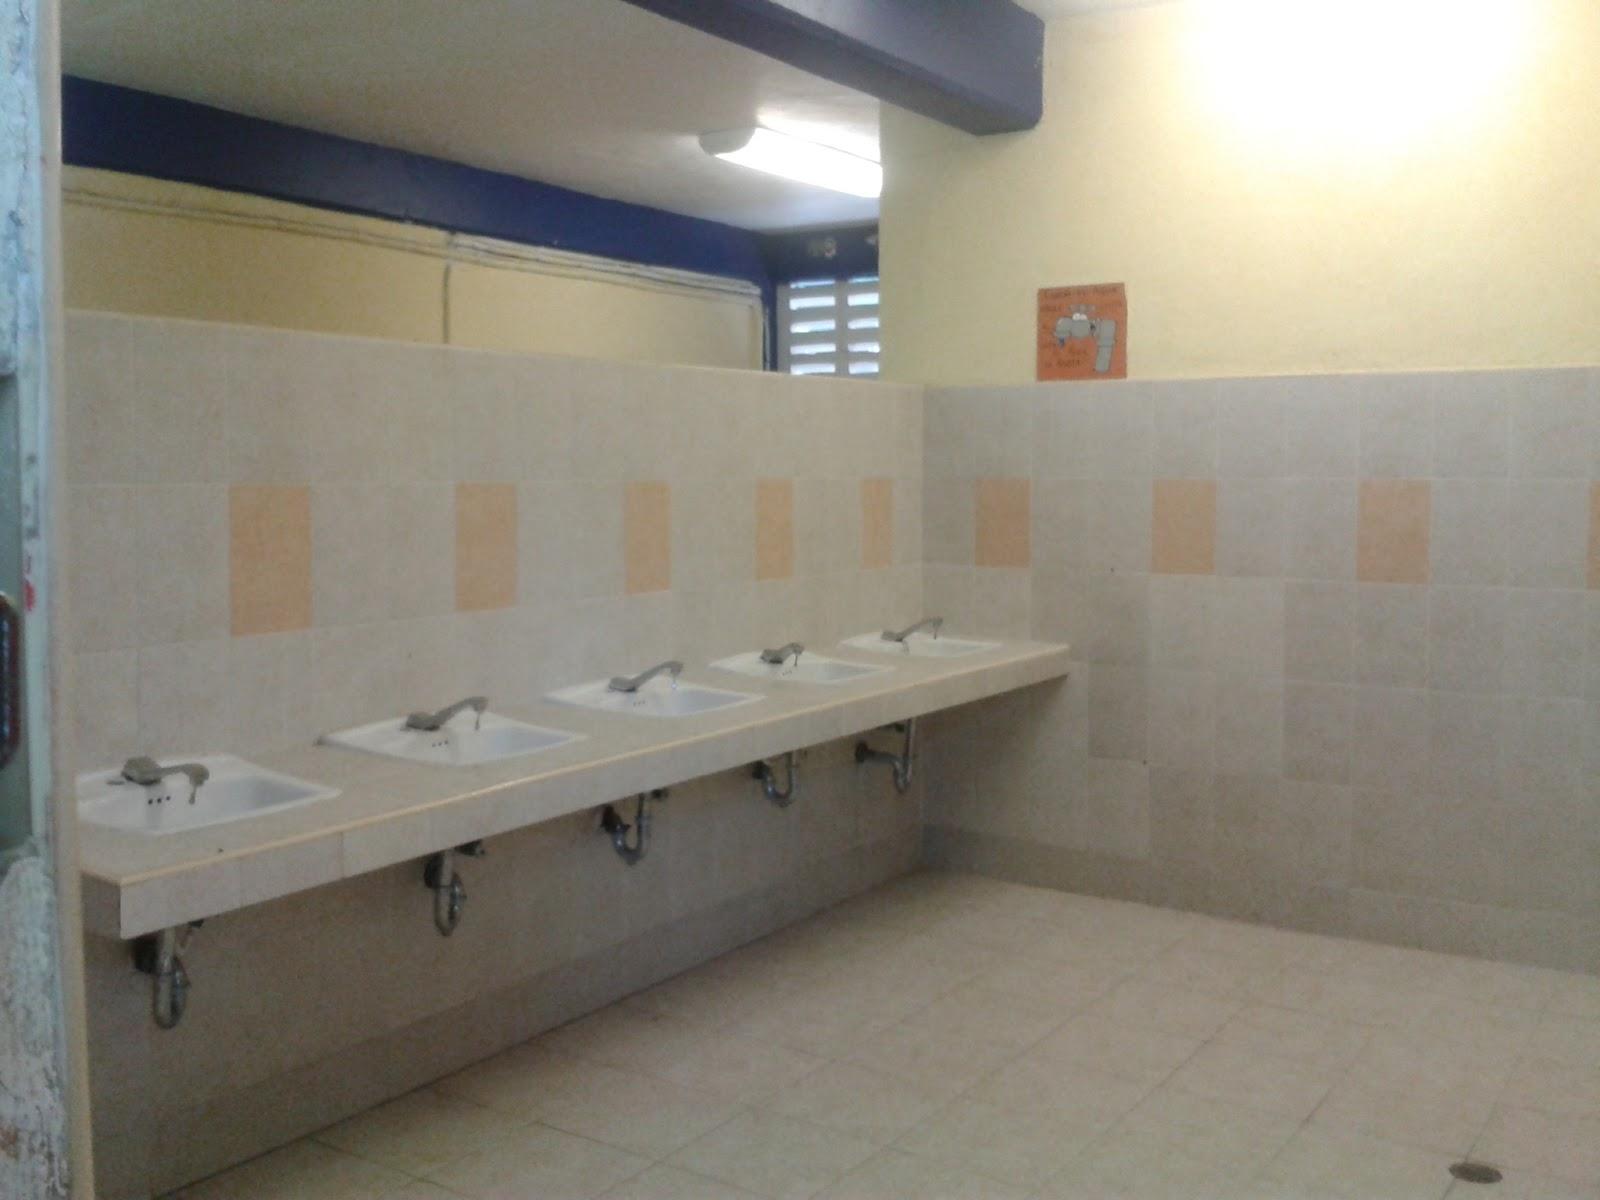 Imagenes De Los Baños Sucios:Los baños xD